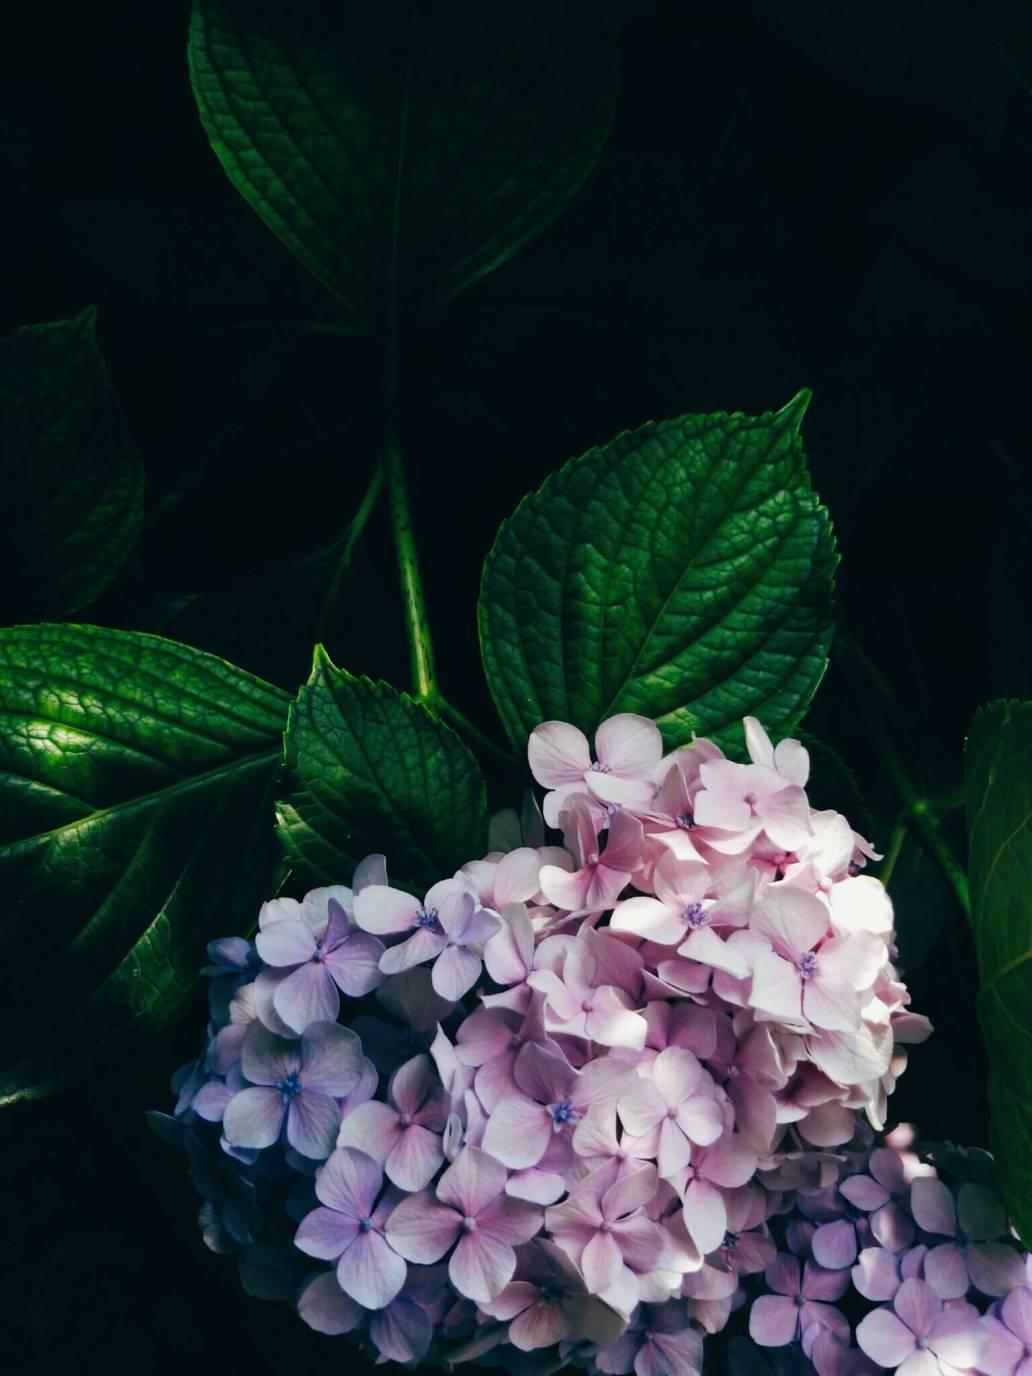 astra liu SguhmV3onew unsplash 2 - Quelques astuces pour bien aménager son jardin